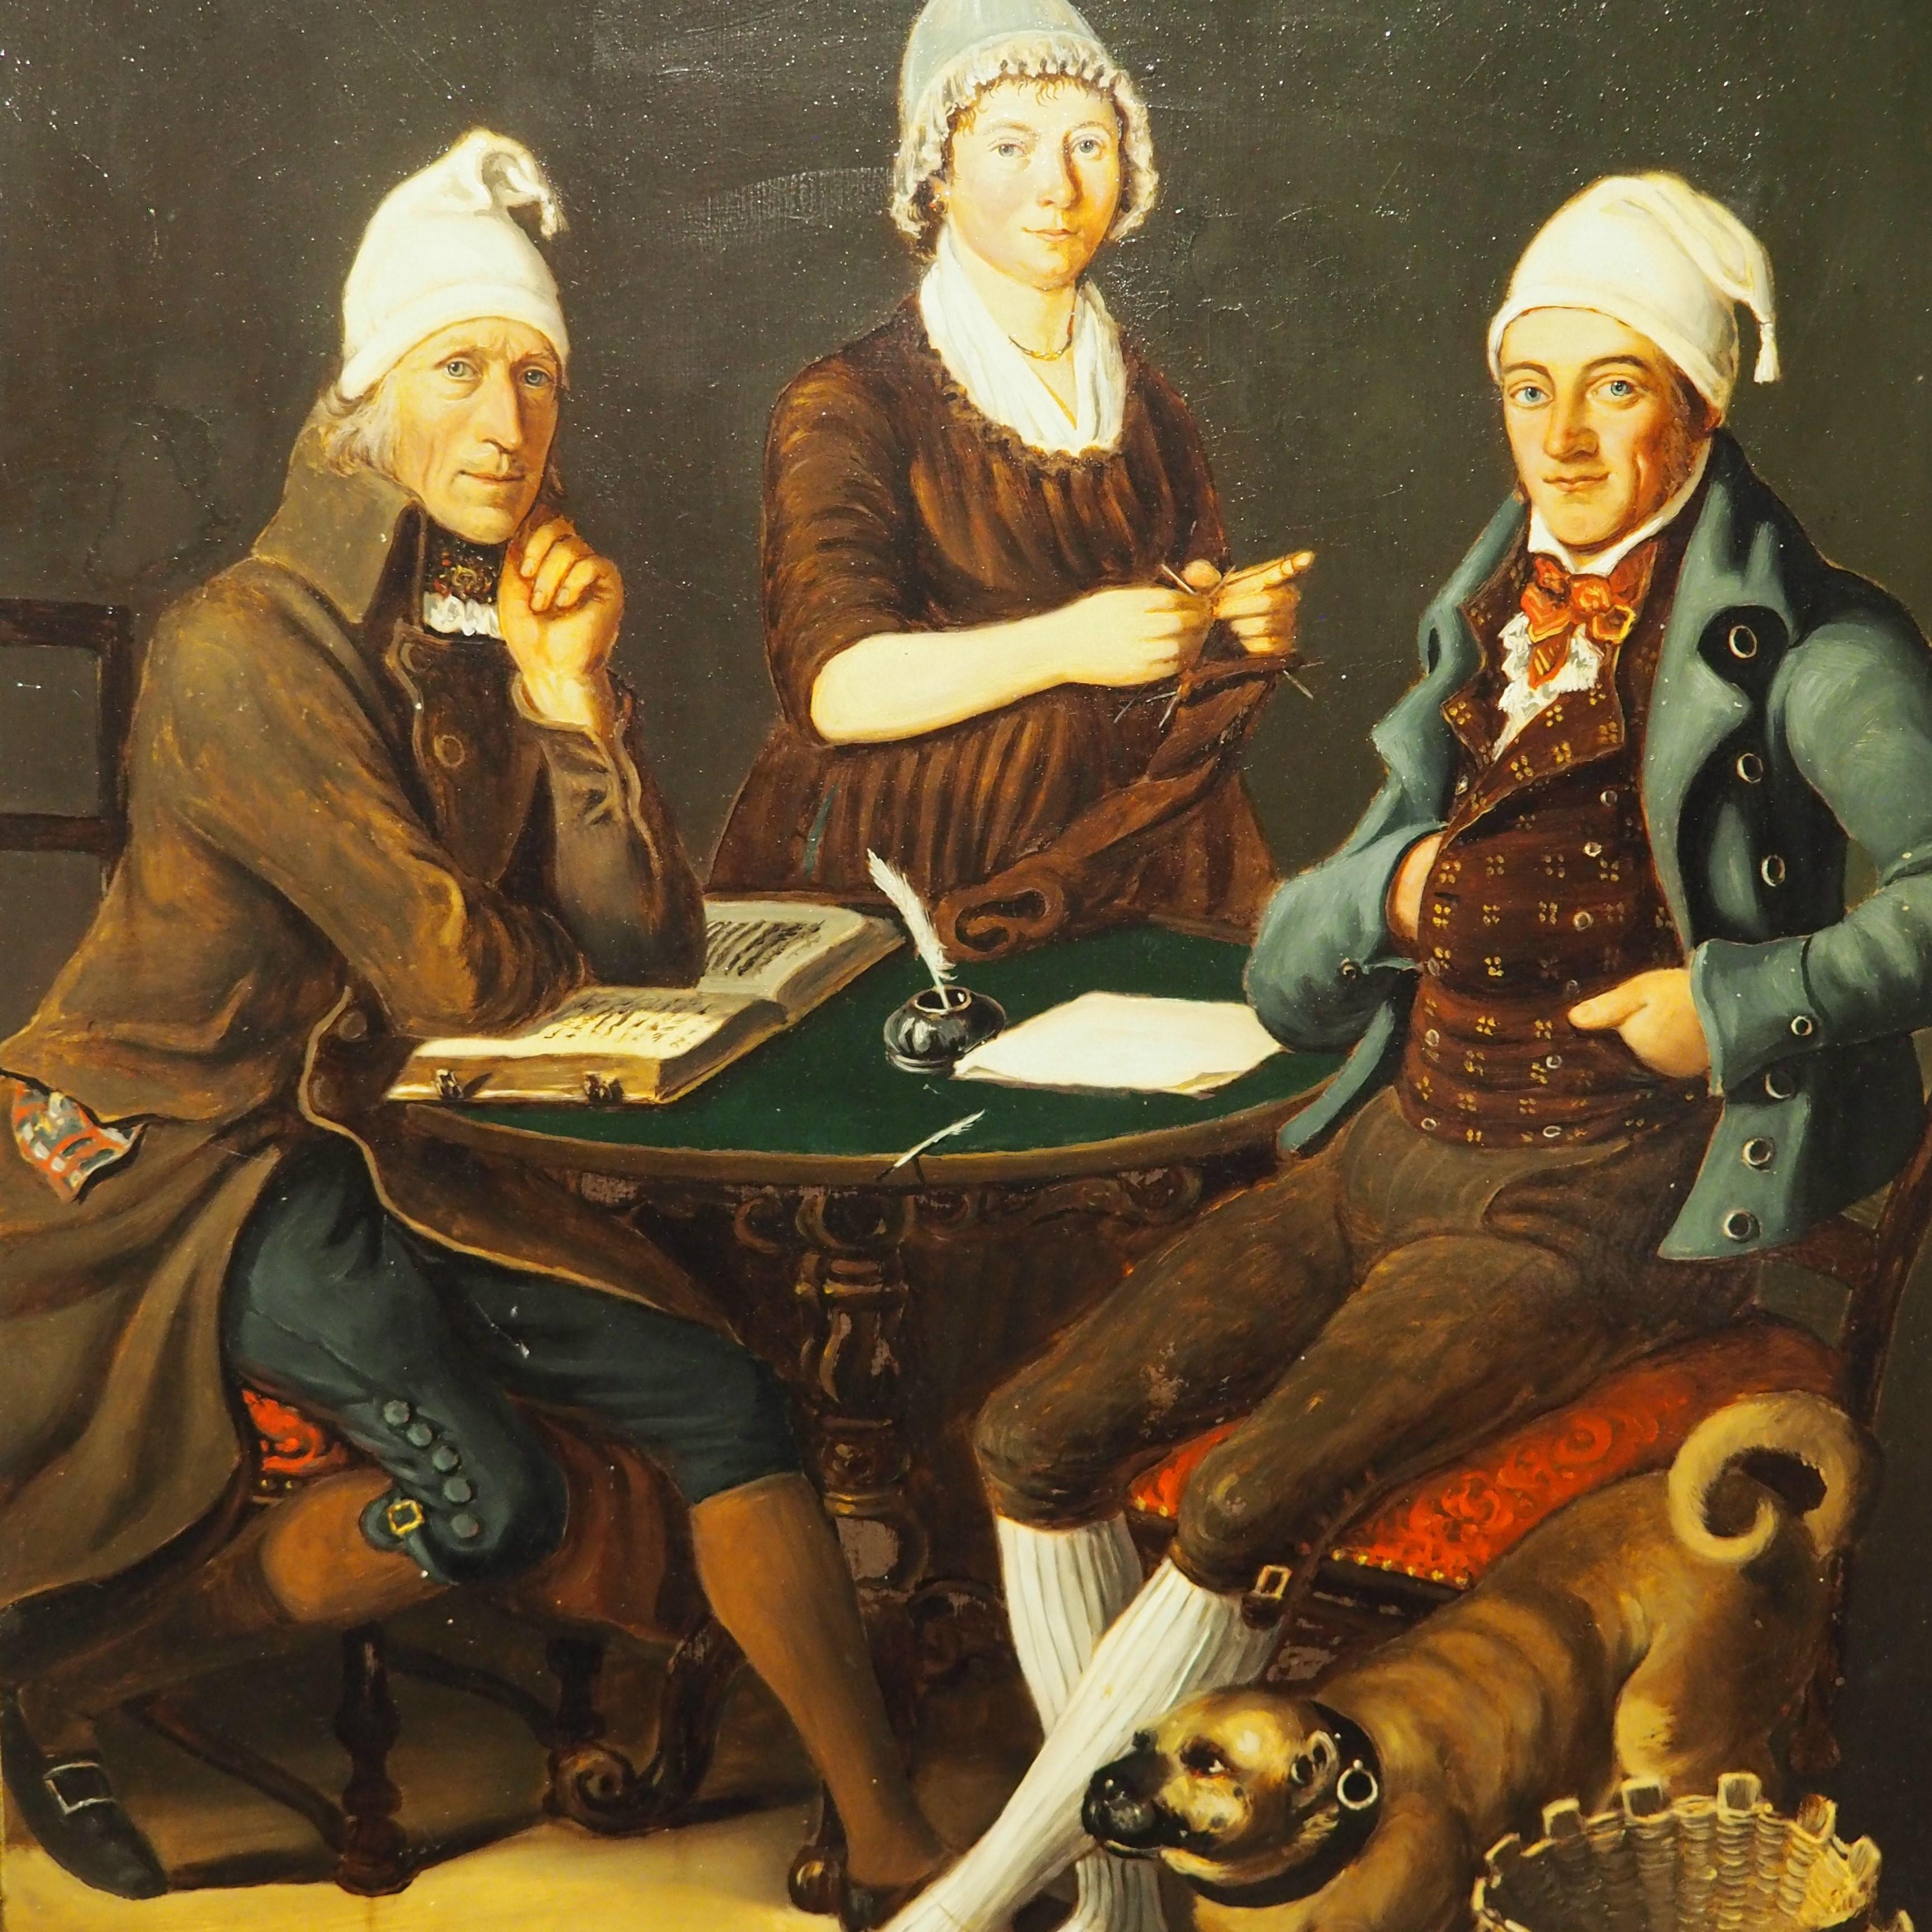 Des fantômes aux musées – <br/> Ecrits quotidiens aux 17e et 18e siècles